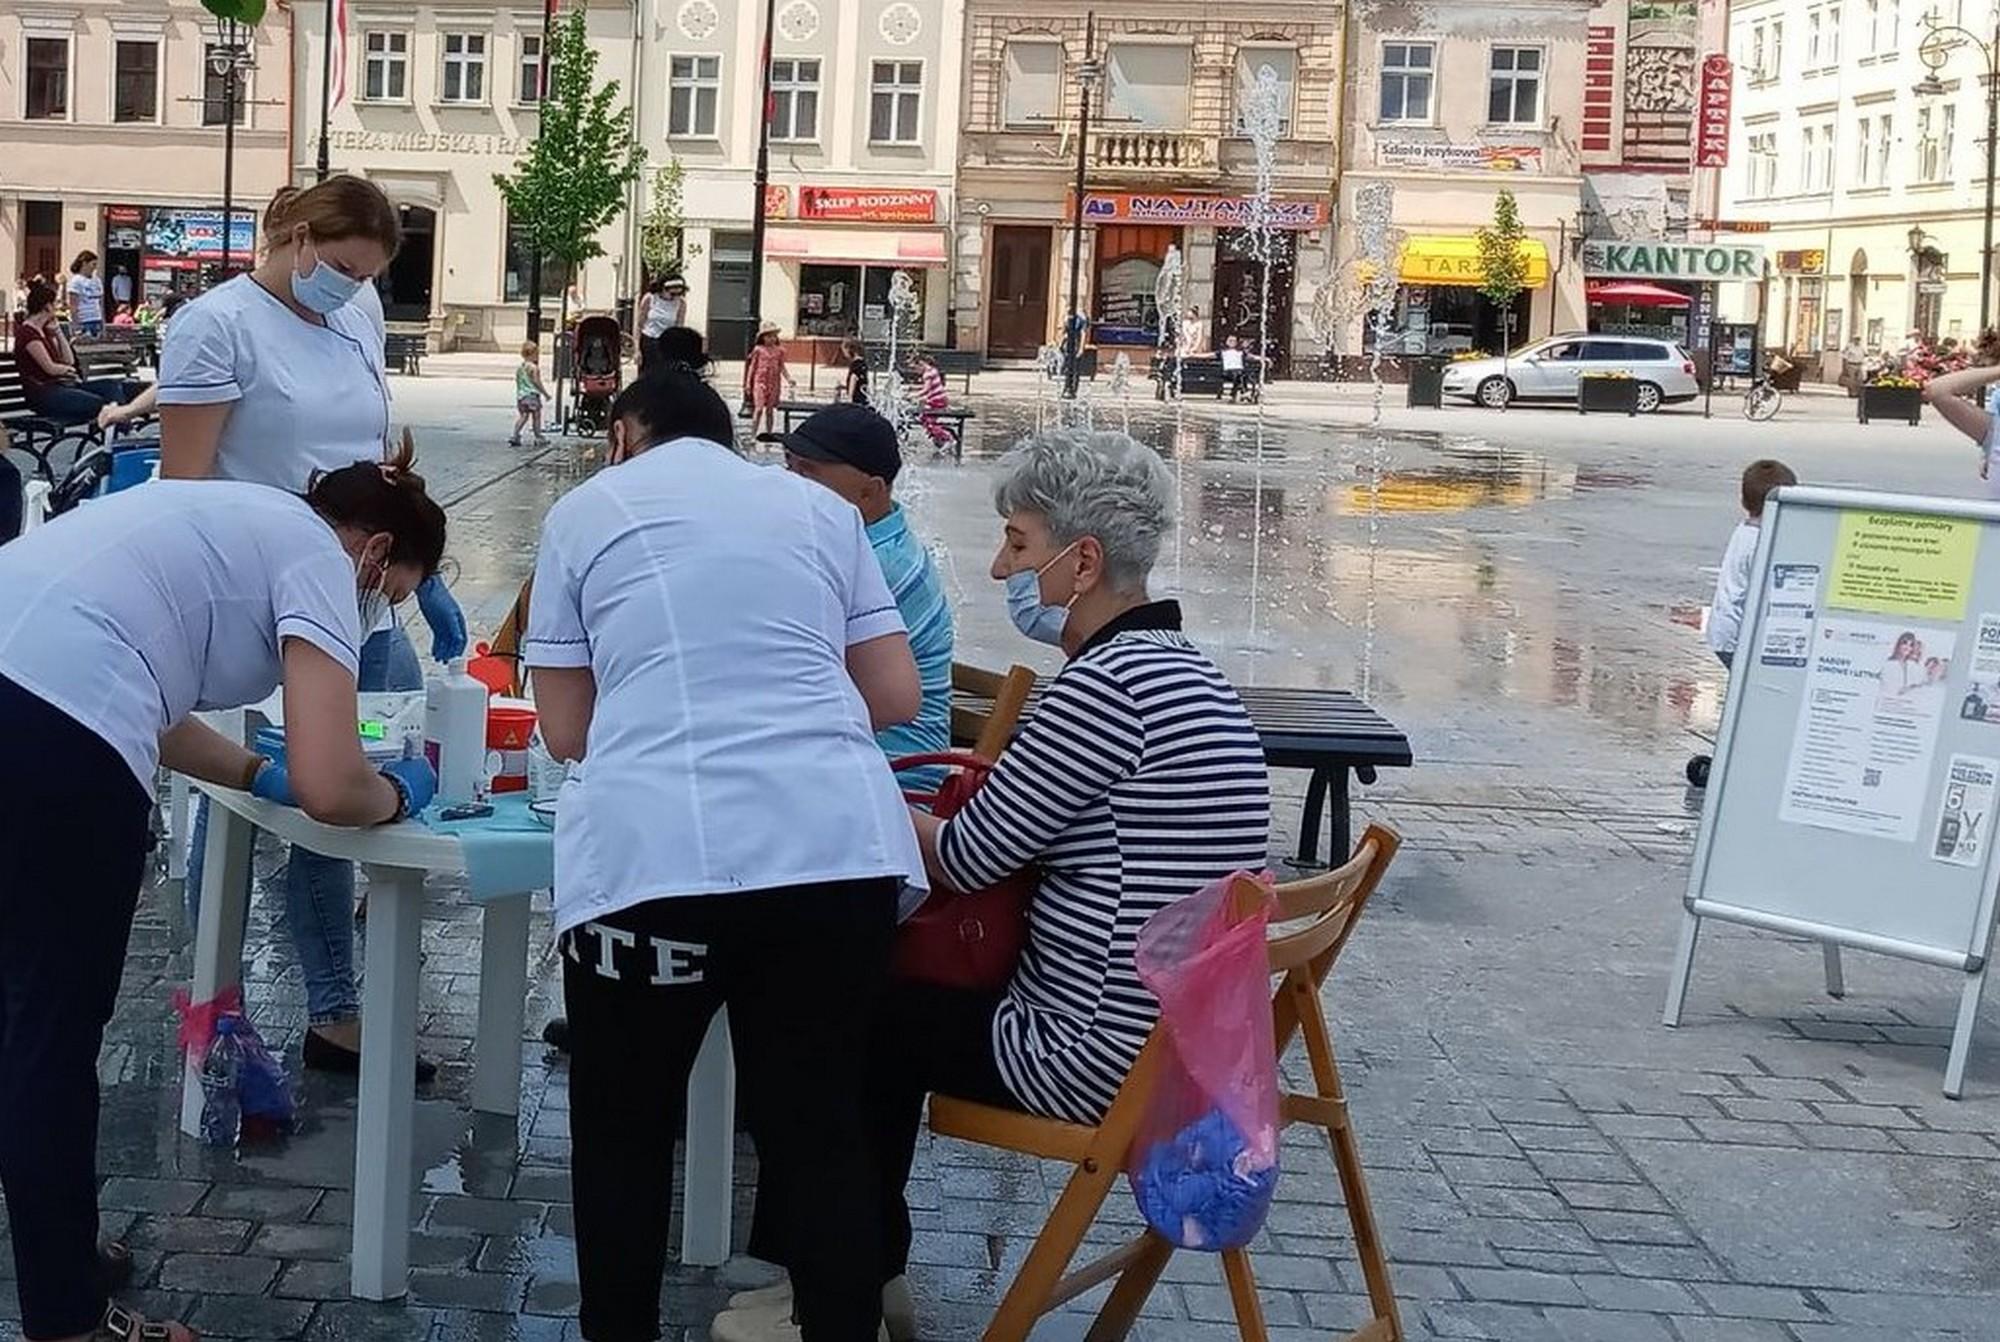 Na ulicach miasta badali ciśnienie i poziom cukru - Zdjęcie główne